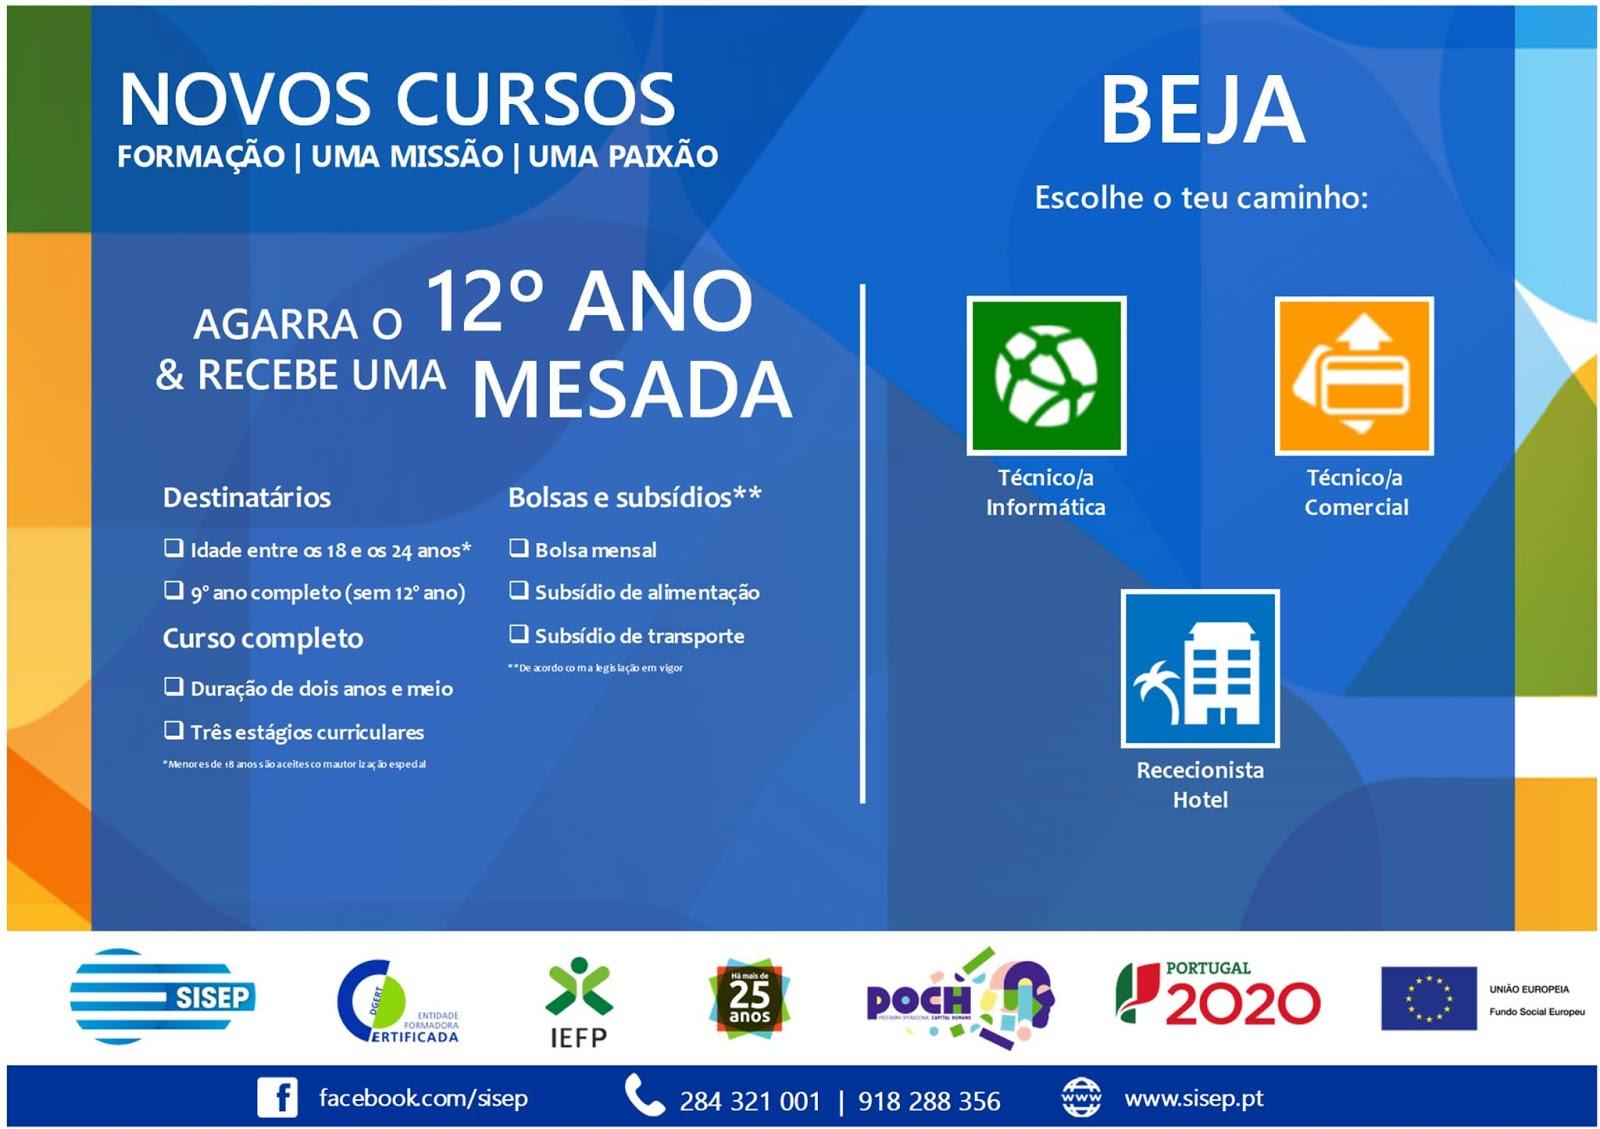 Formação financiada em Beja – 2020